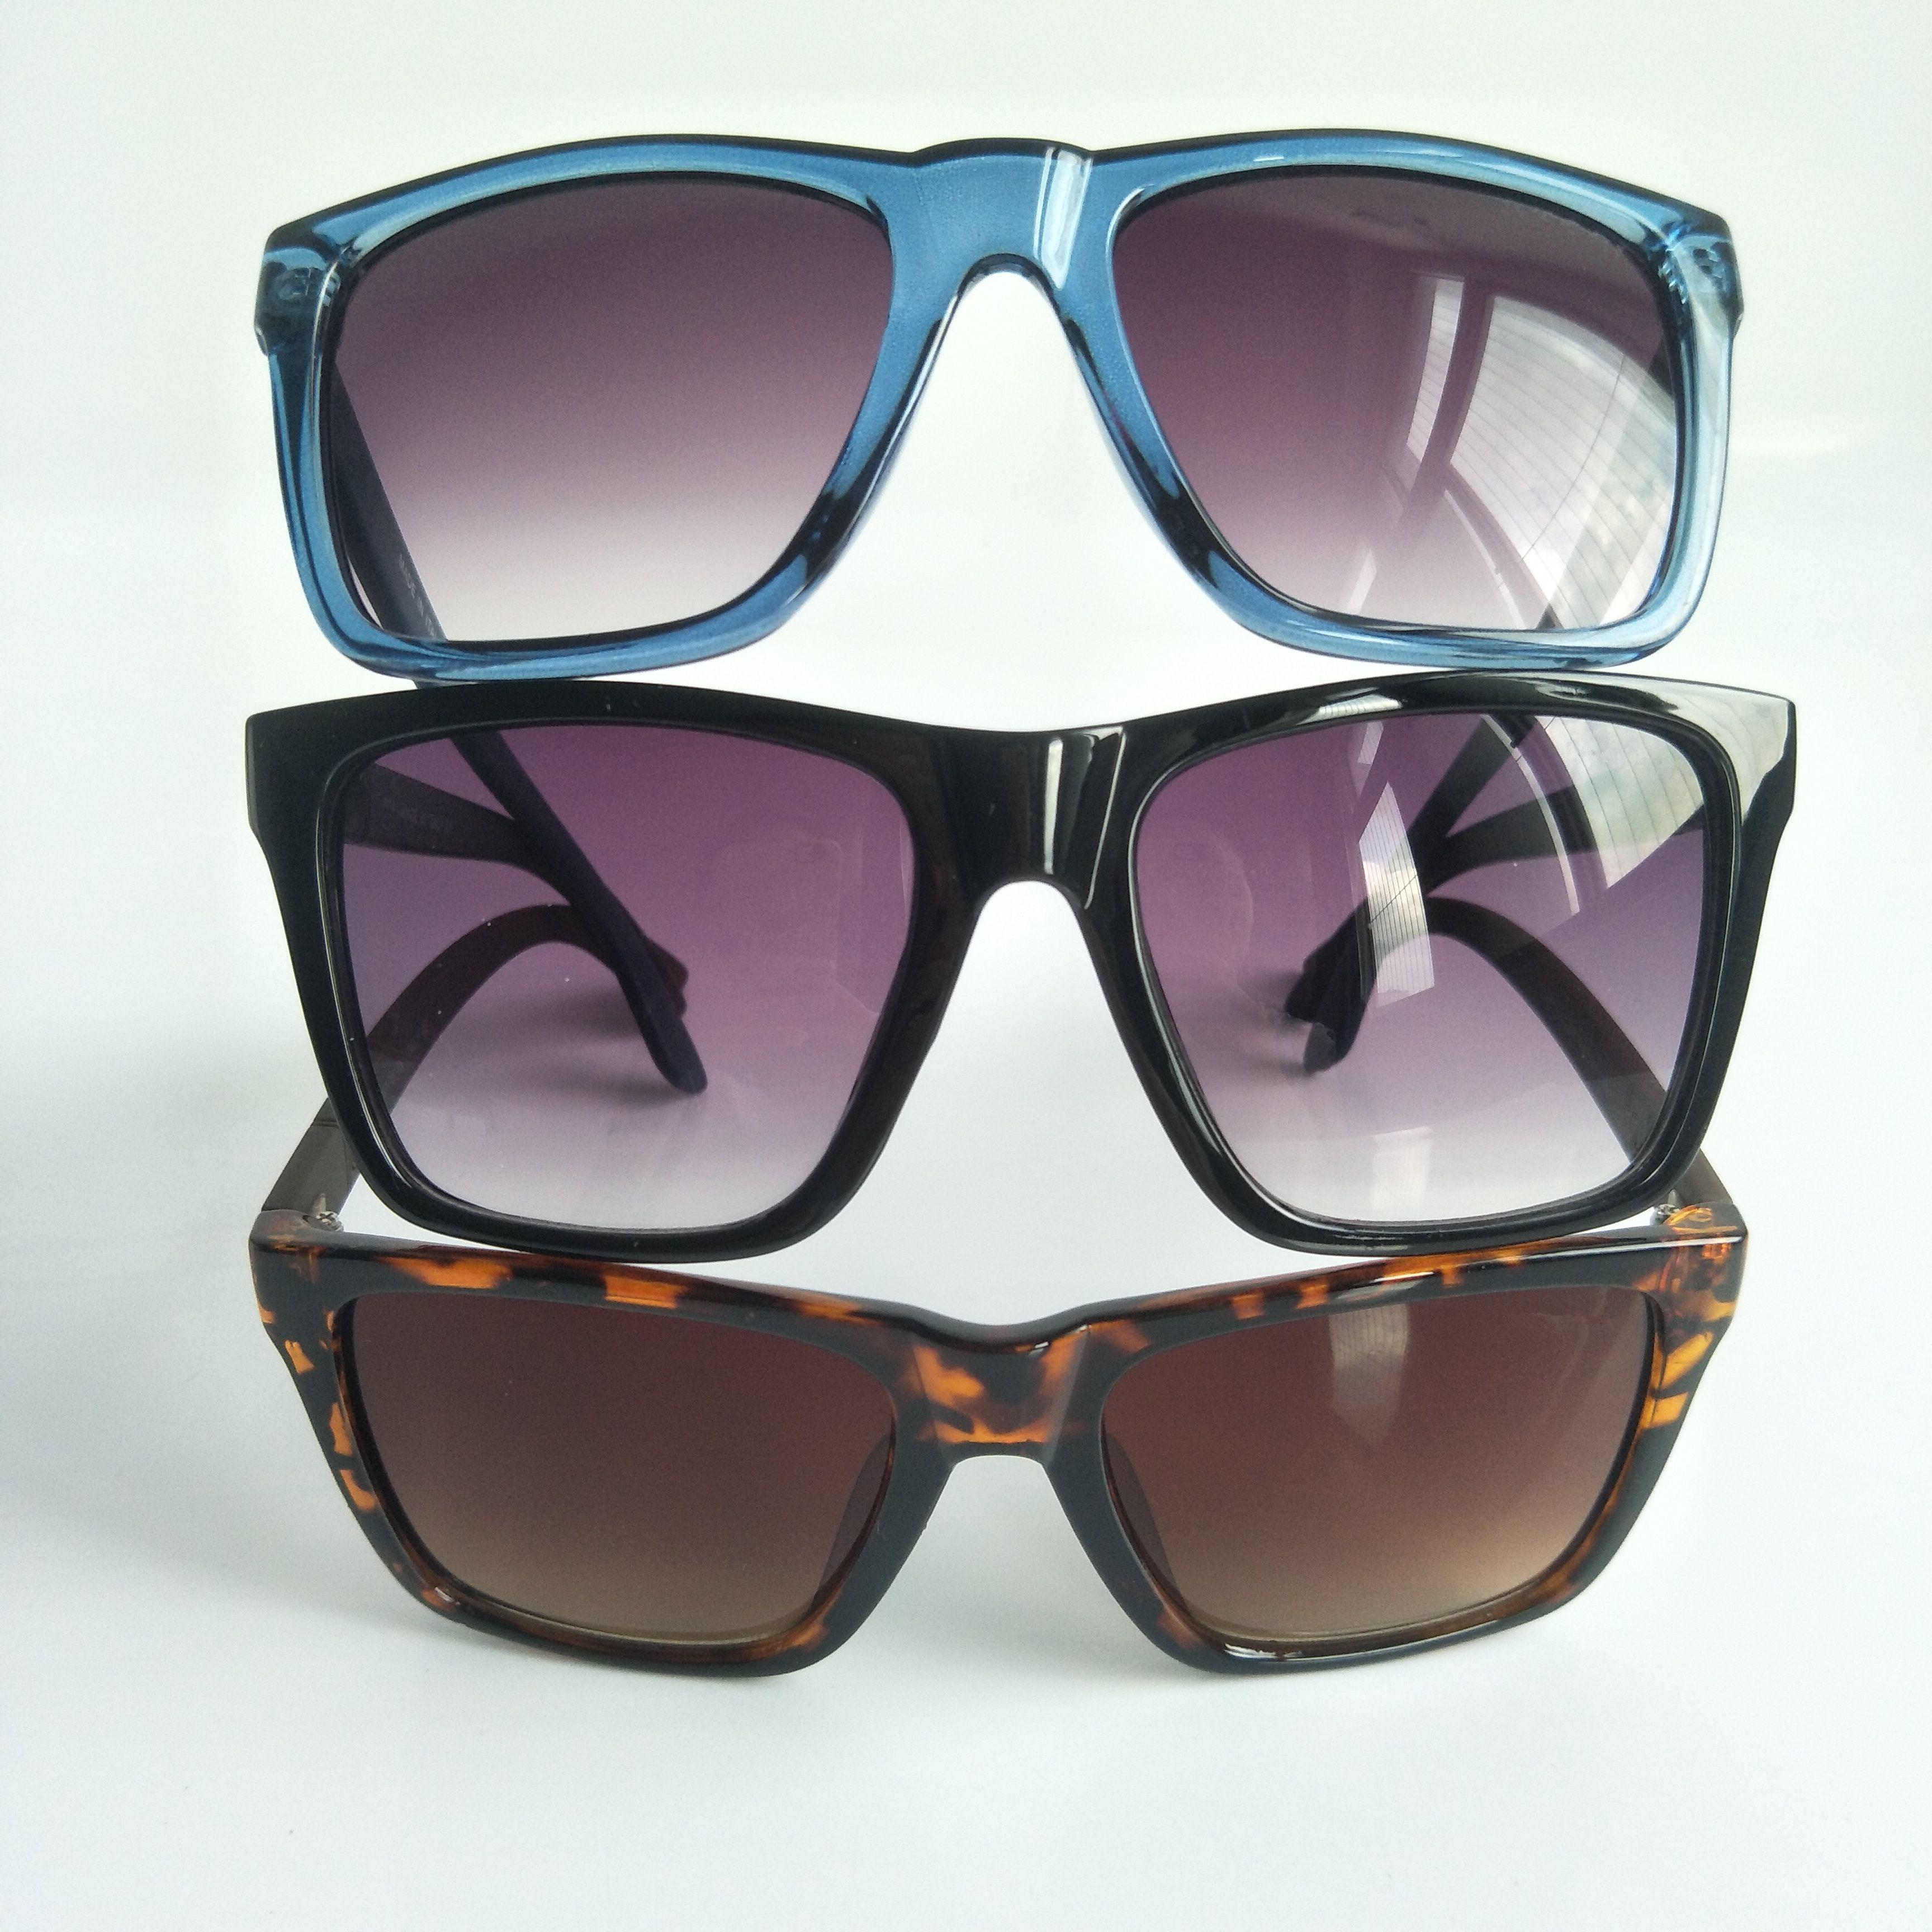 جودة عالية العلامة التجارية نظارات الشمس دليل أزياء الرجال النظارات الشمسية النظارات المرأة النظارات مع الحالات الحرة مربع